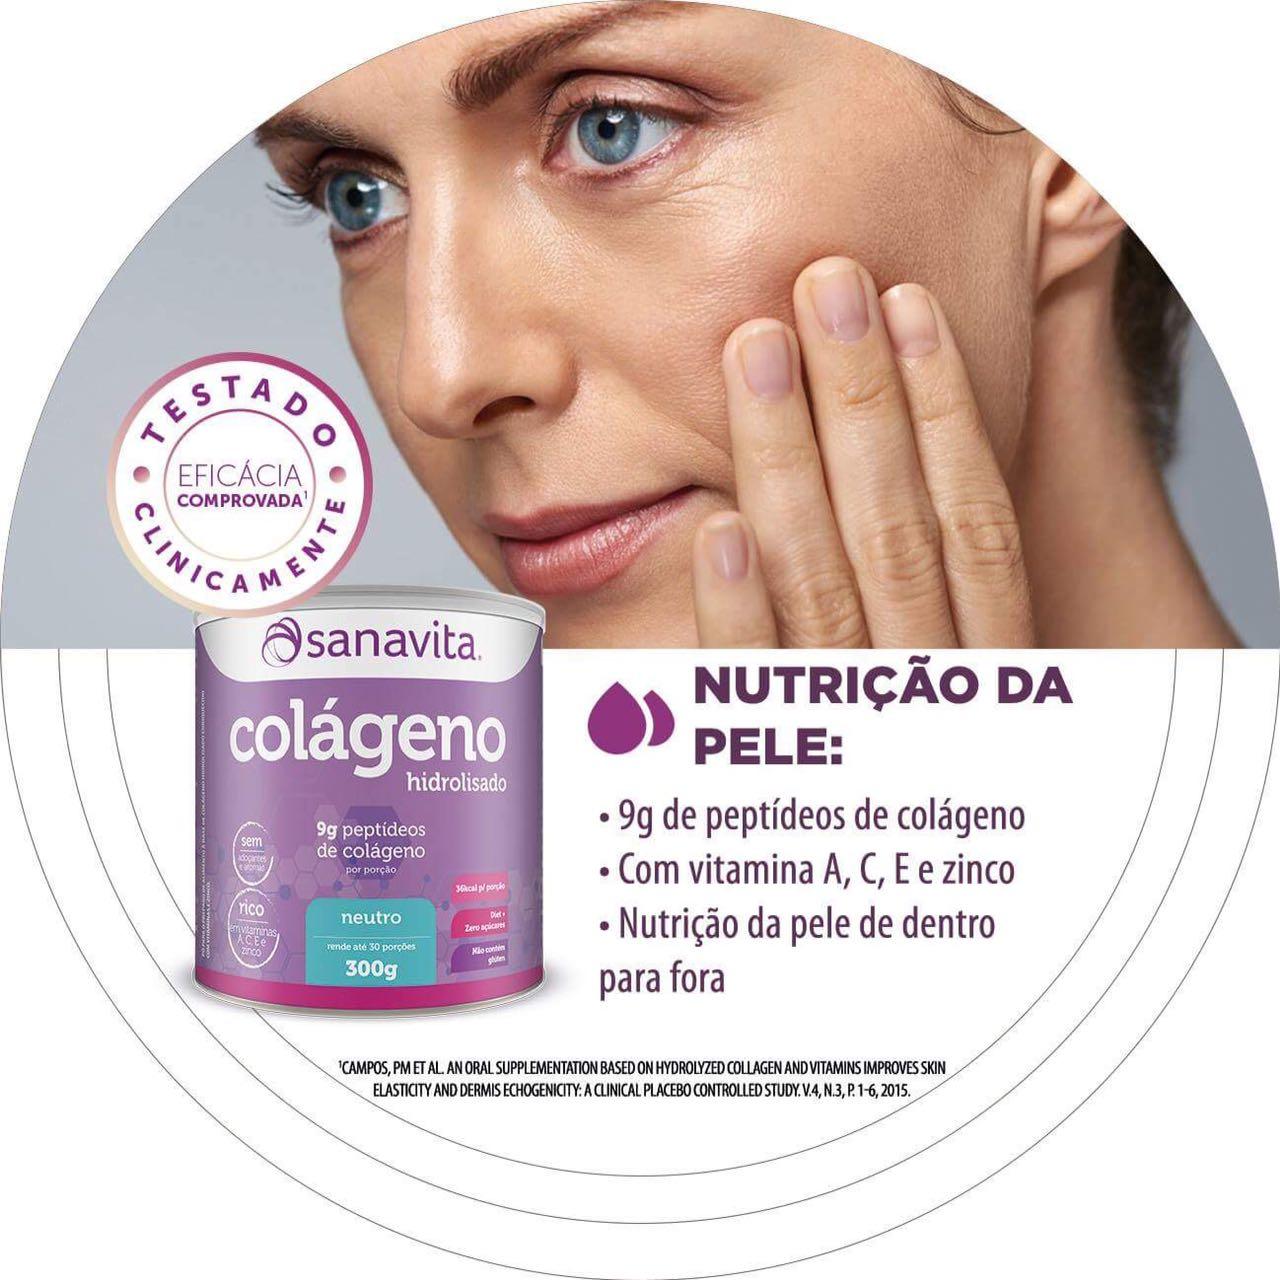 ea937ef0d O Colágeno Hidrolisado Sanavita não é recomendado em caso de alergia  alimentar a um dos componentes da fórmula. Por se tratar de um suplemento  alimentar